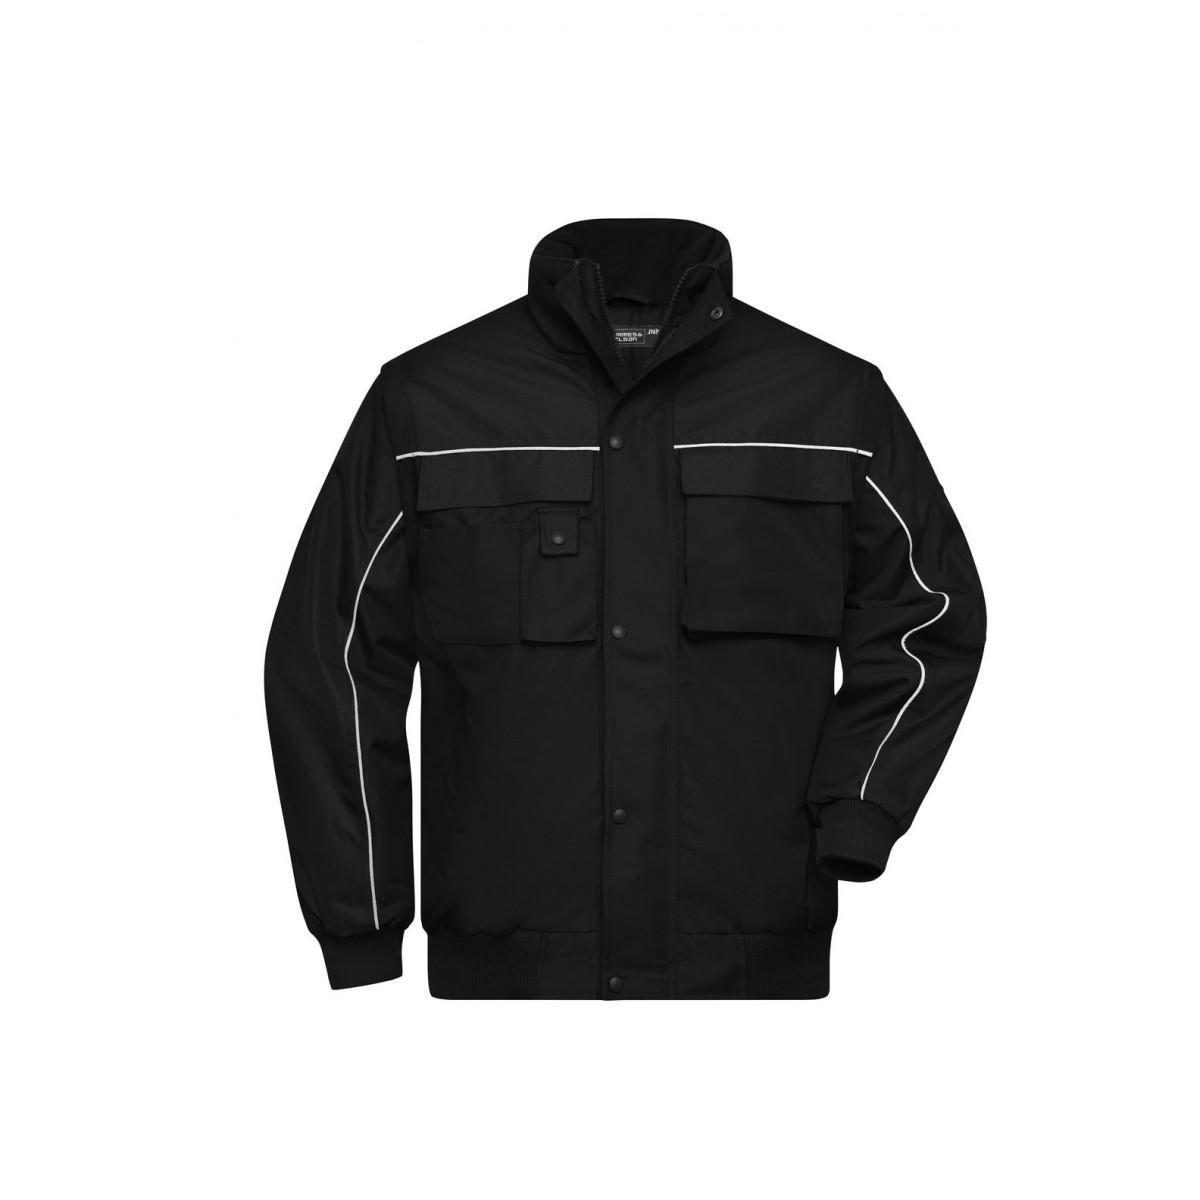 Куртка мужская JN810 Workwear Jacket - Черный/Черный